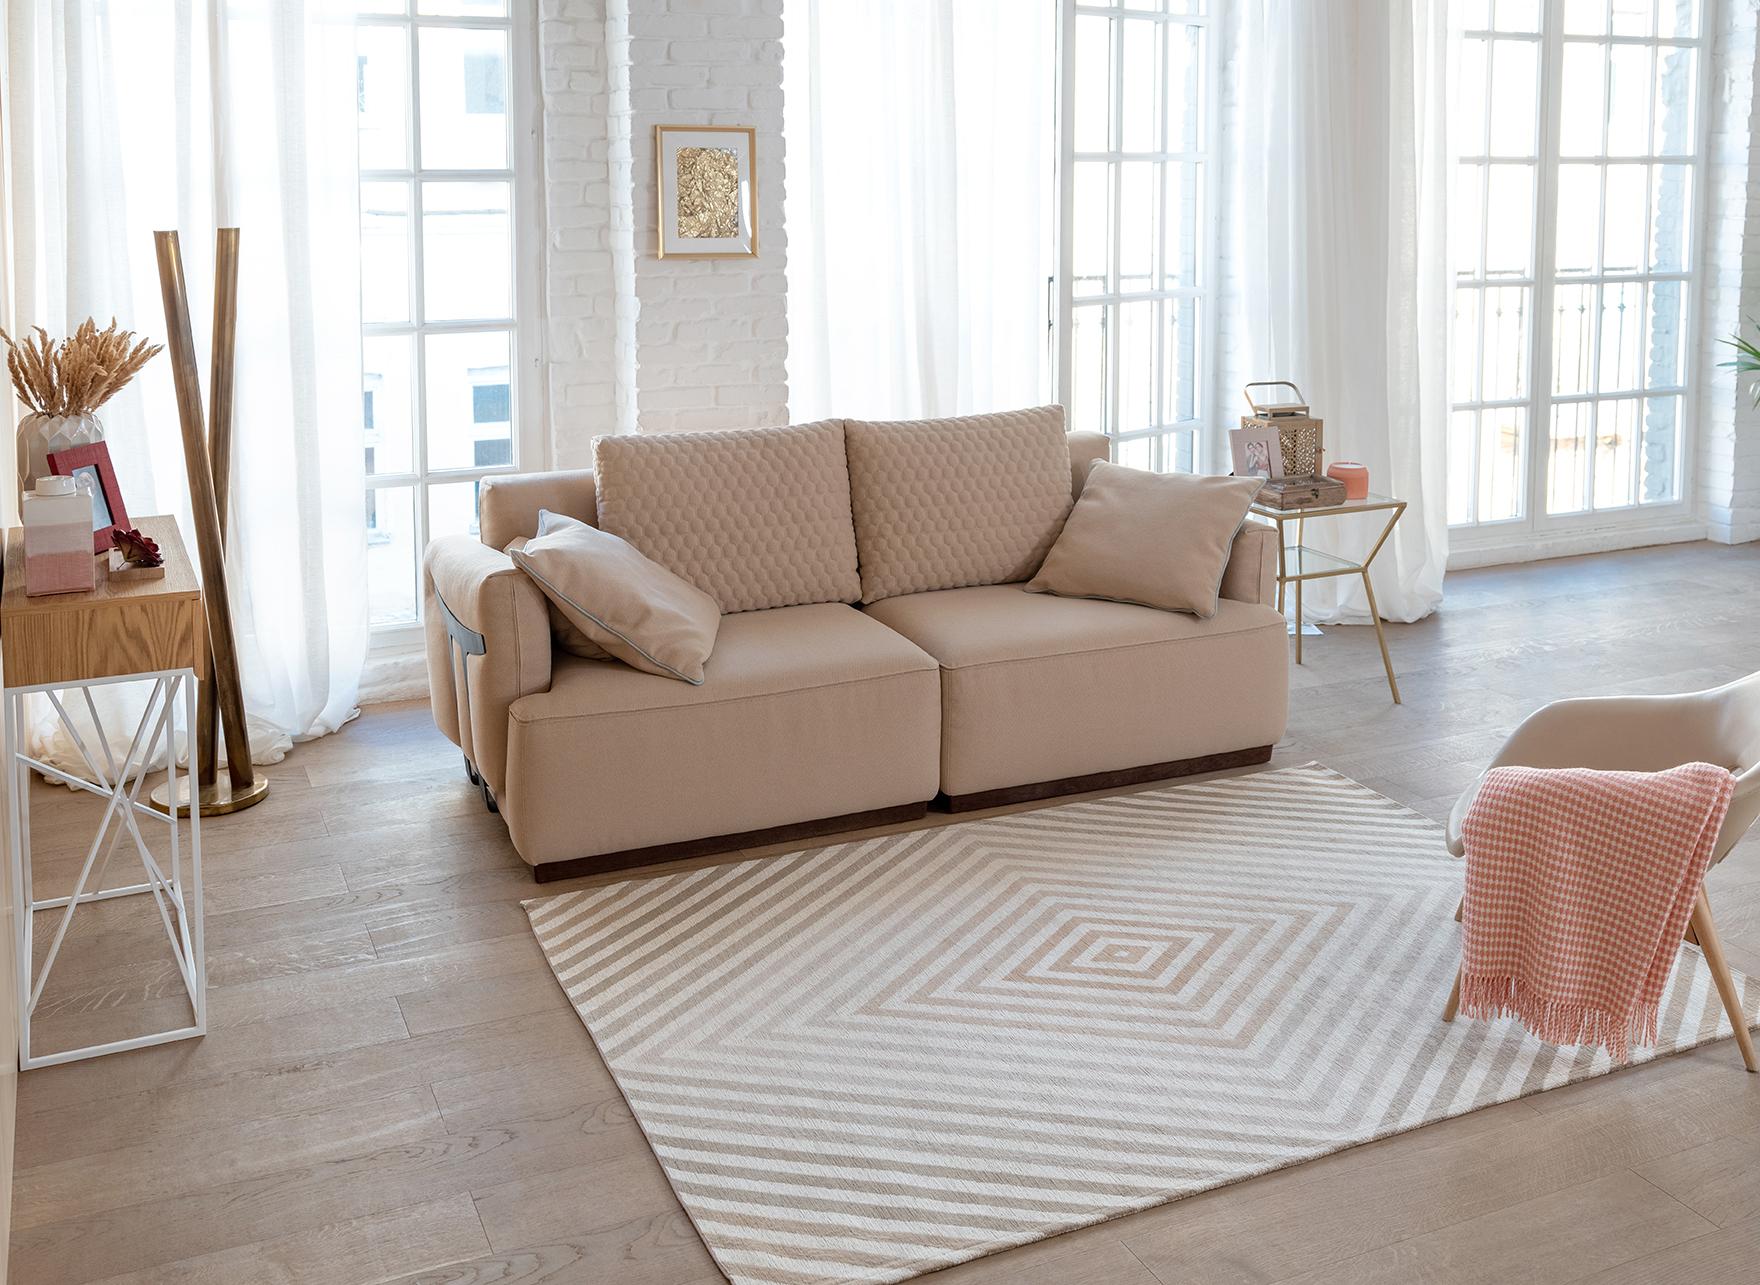 Модульный диван Клермон, фото 8